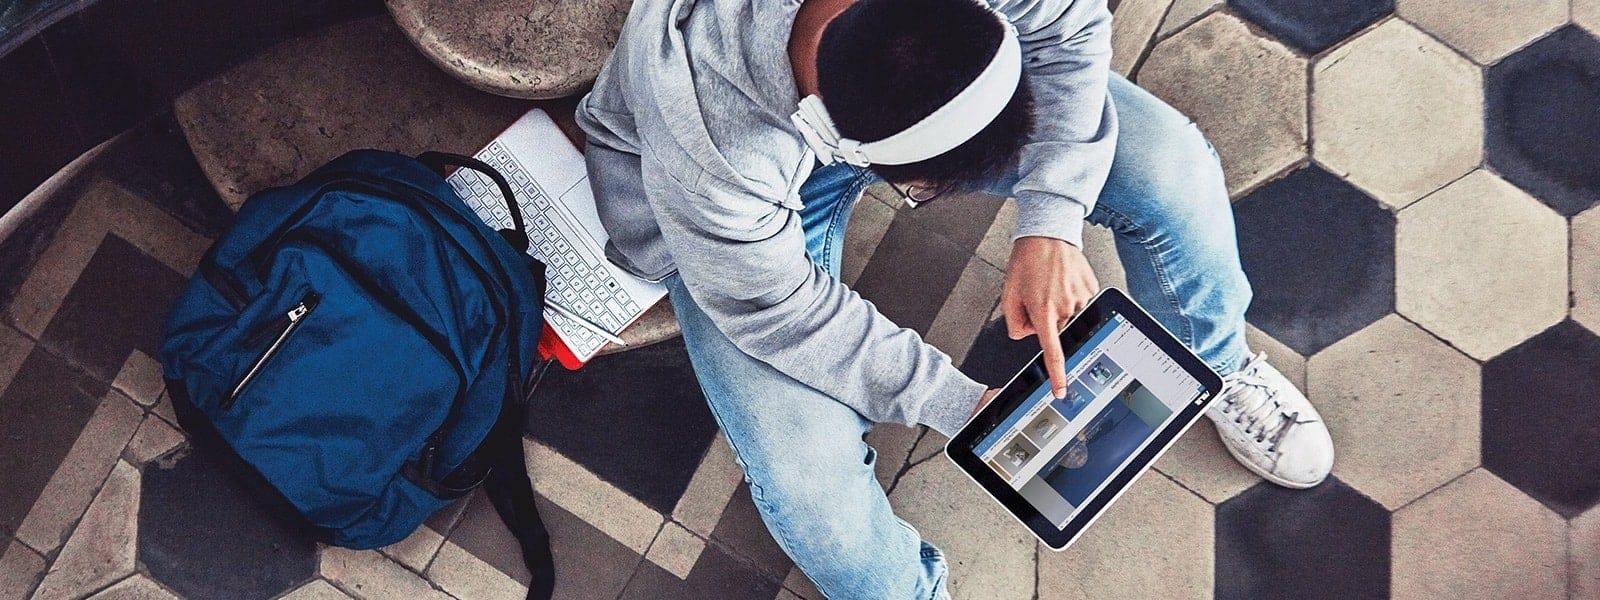 Študent hľadiaci na zariadenie so systémom Windows 10